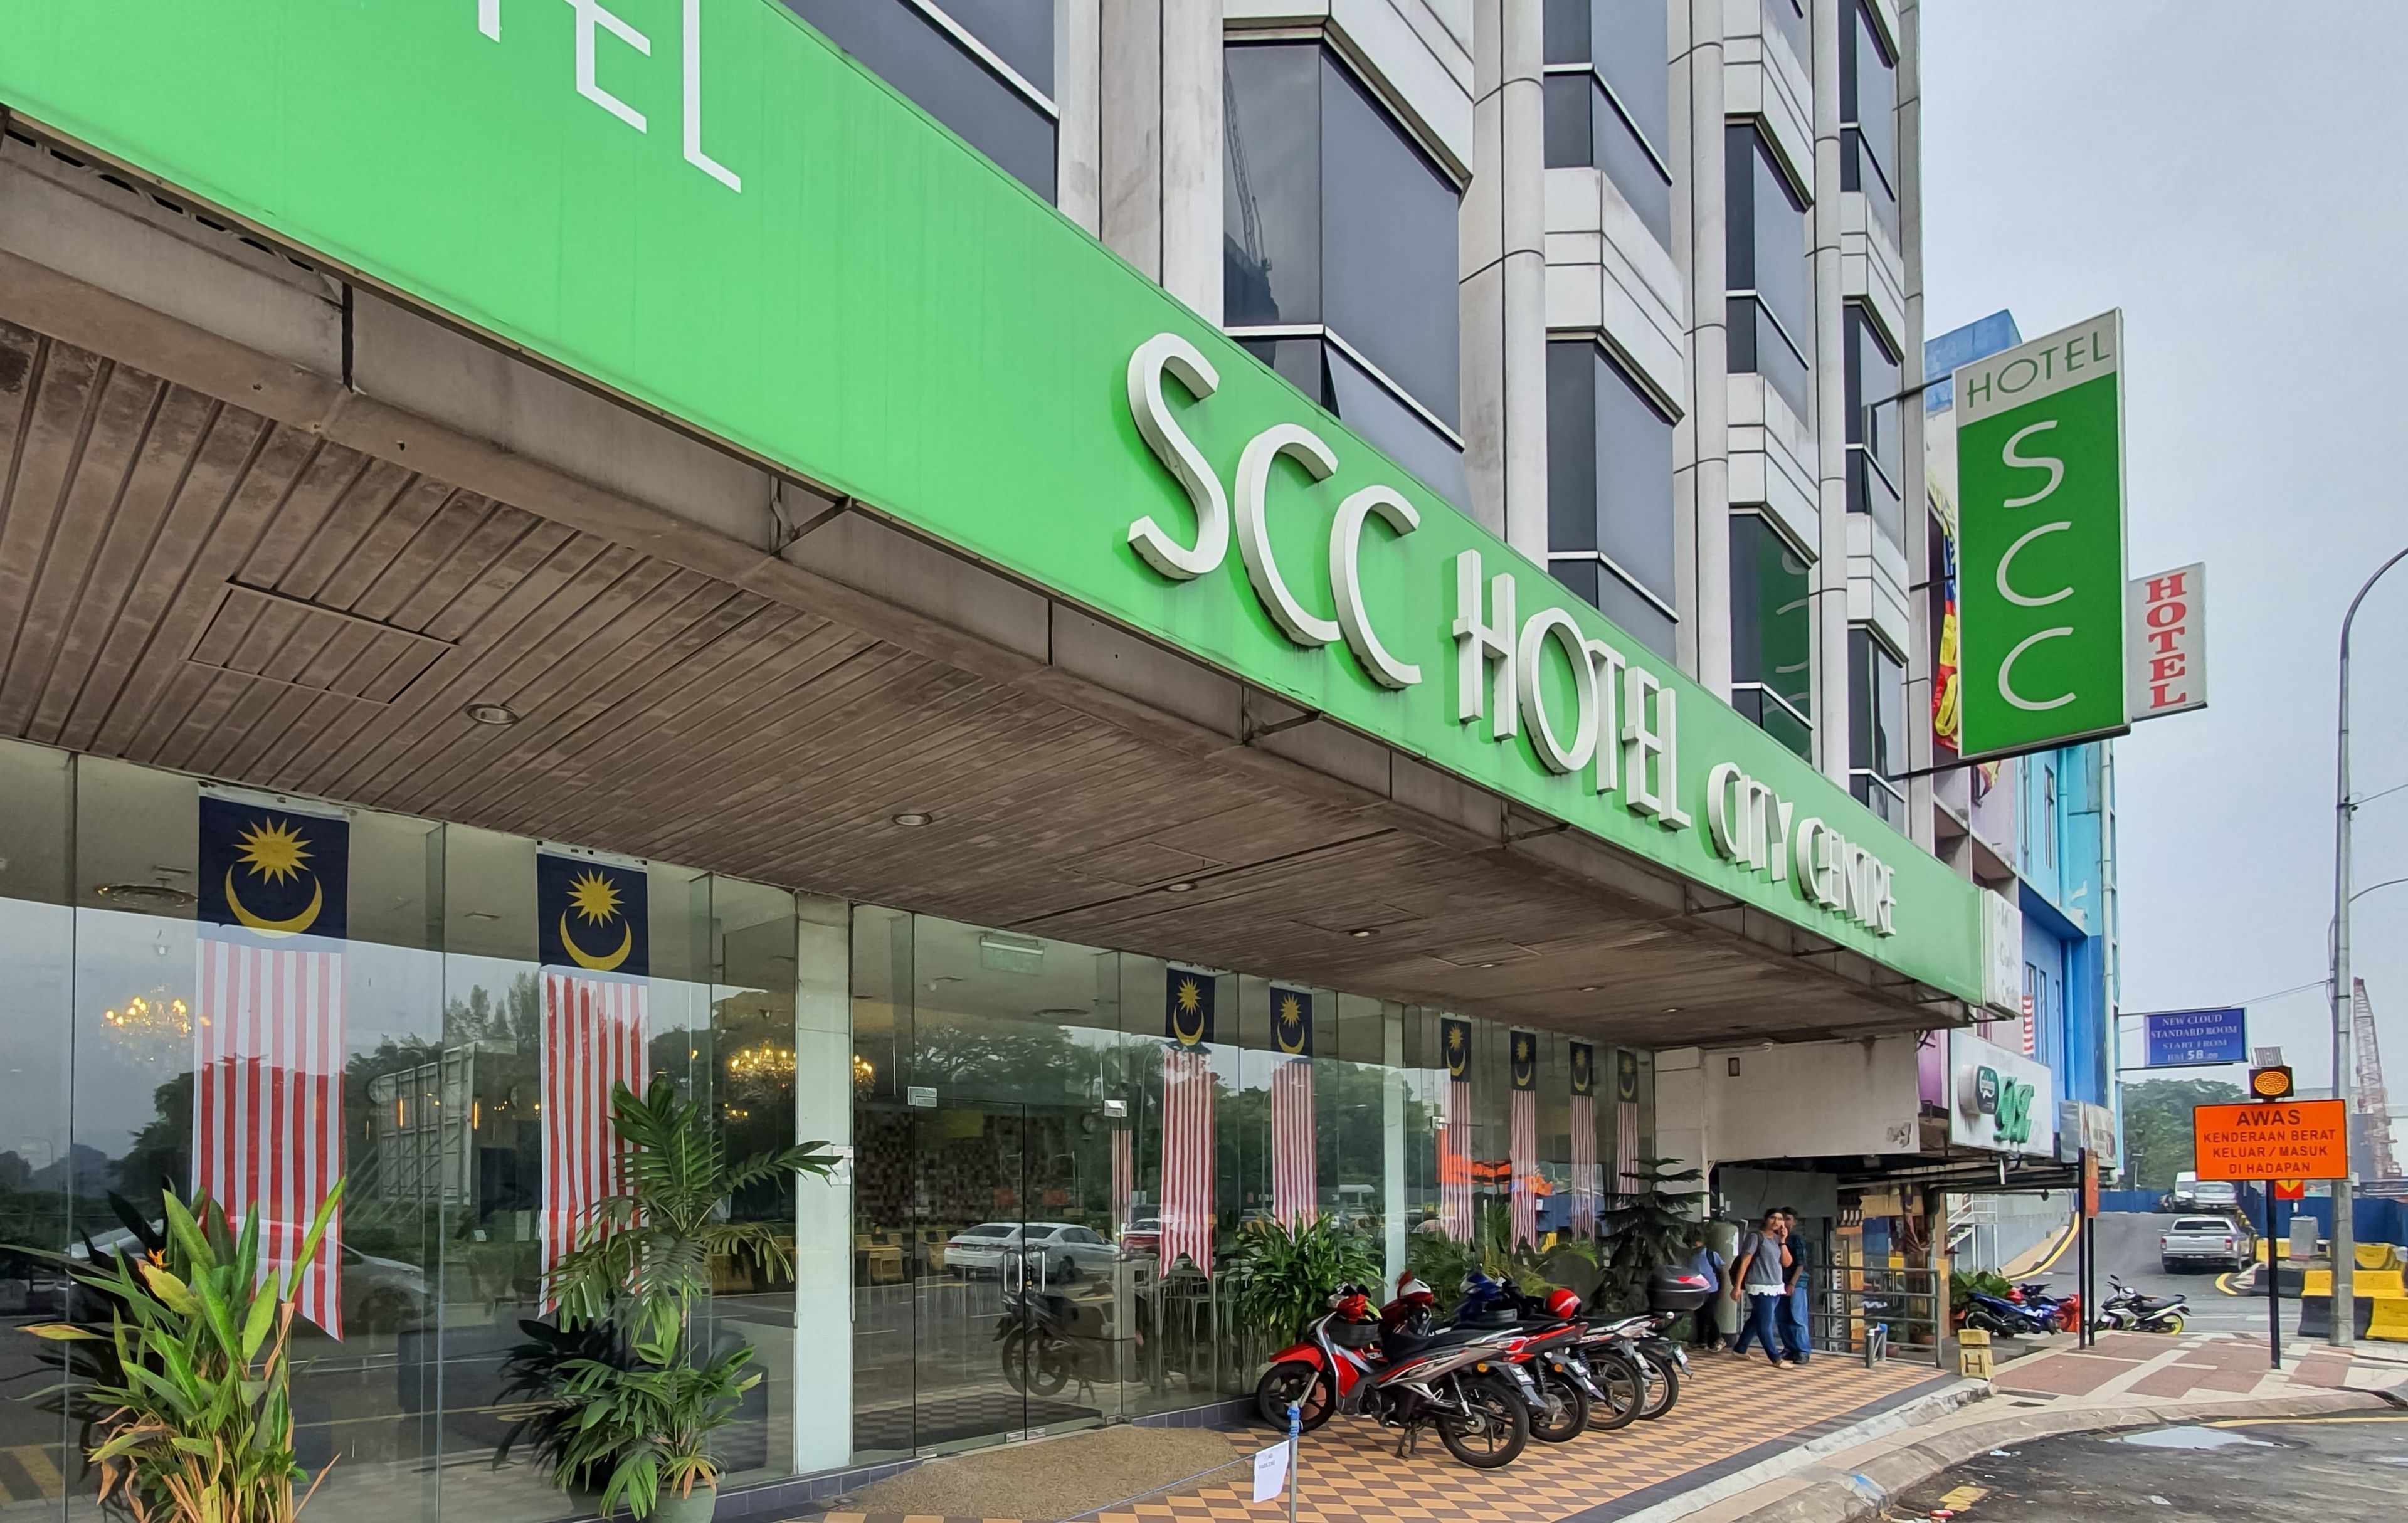 Scc City Centre